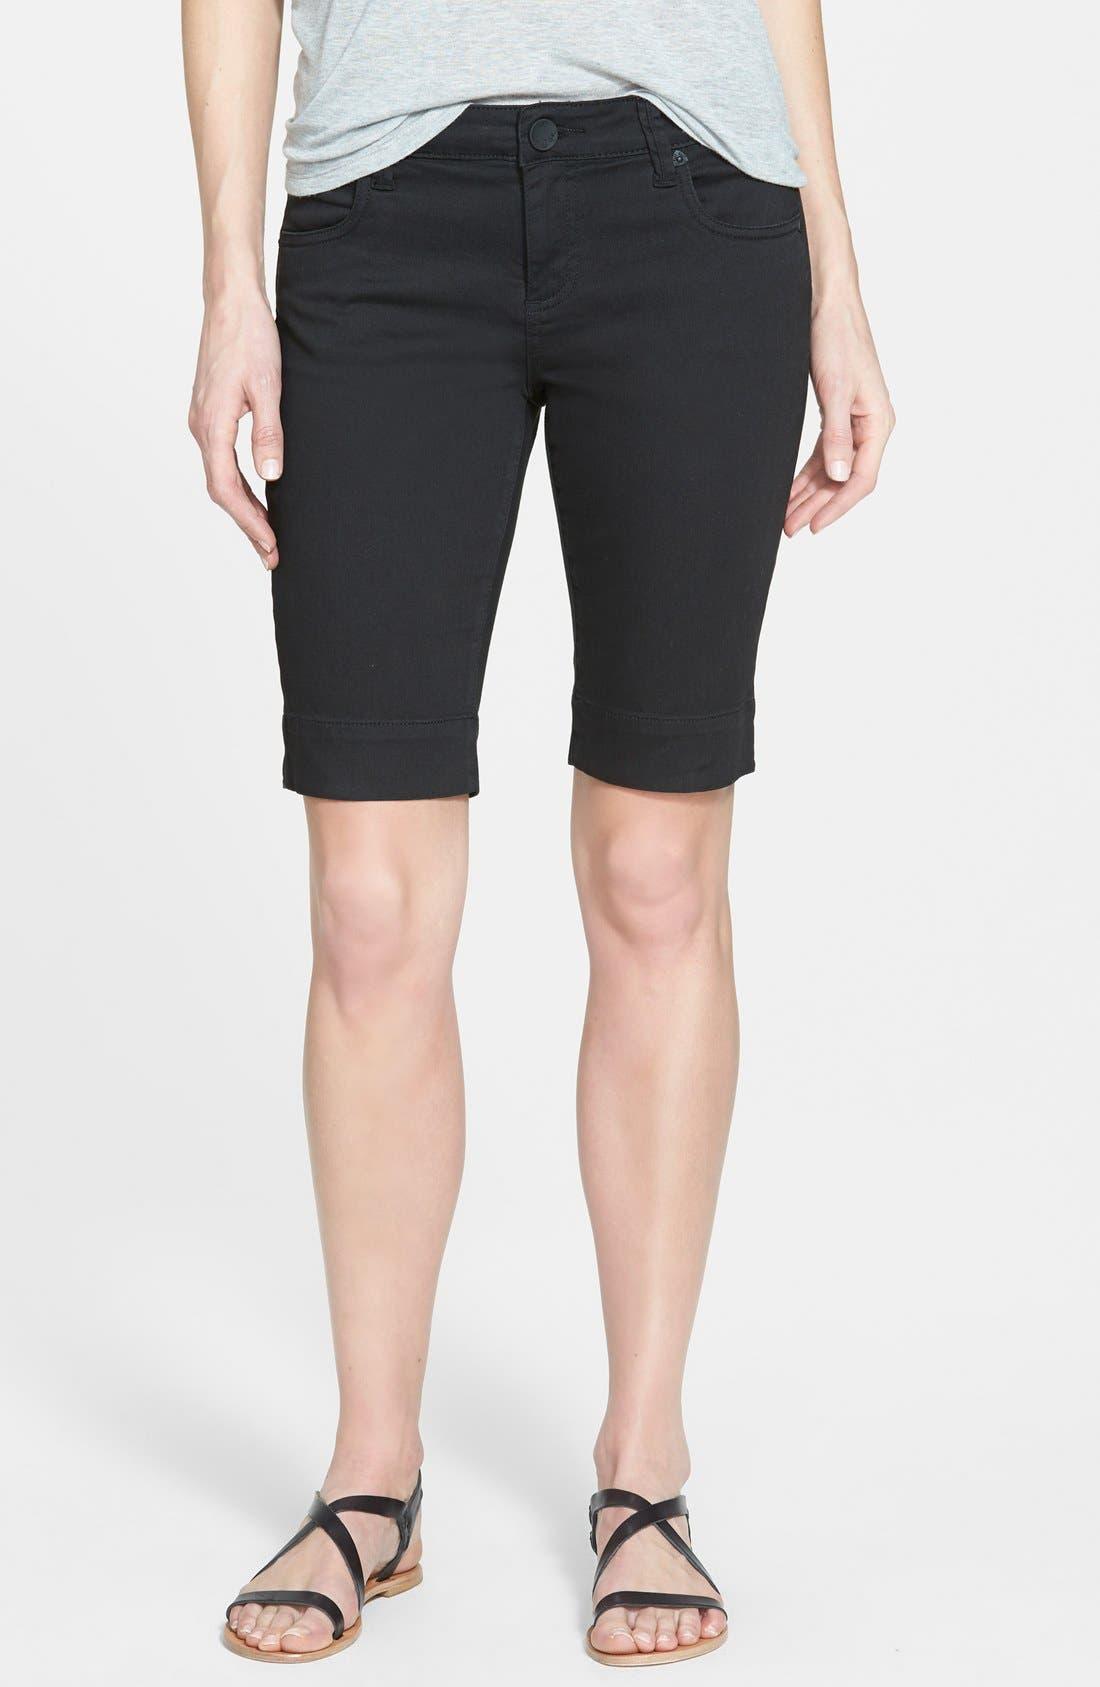 'Natalie' Twill Bermuda Shorts,                             Main thumbnail 1, color,                             001